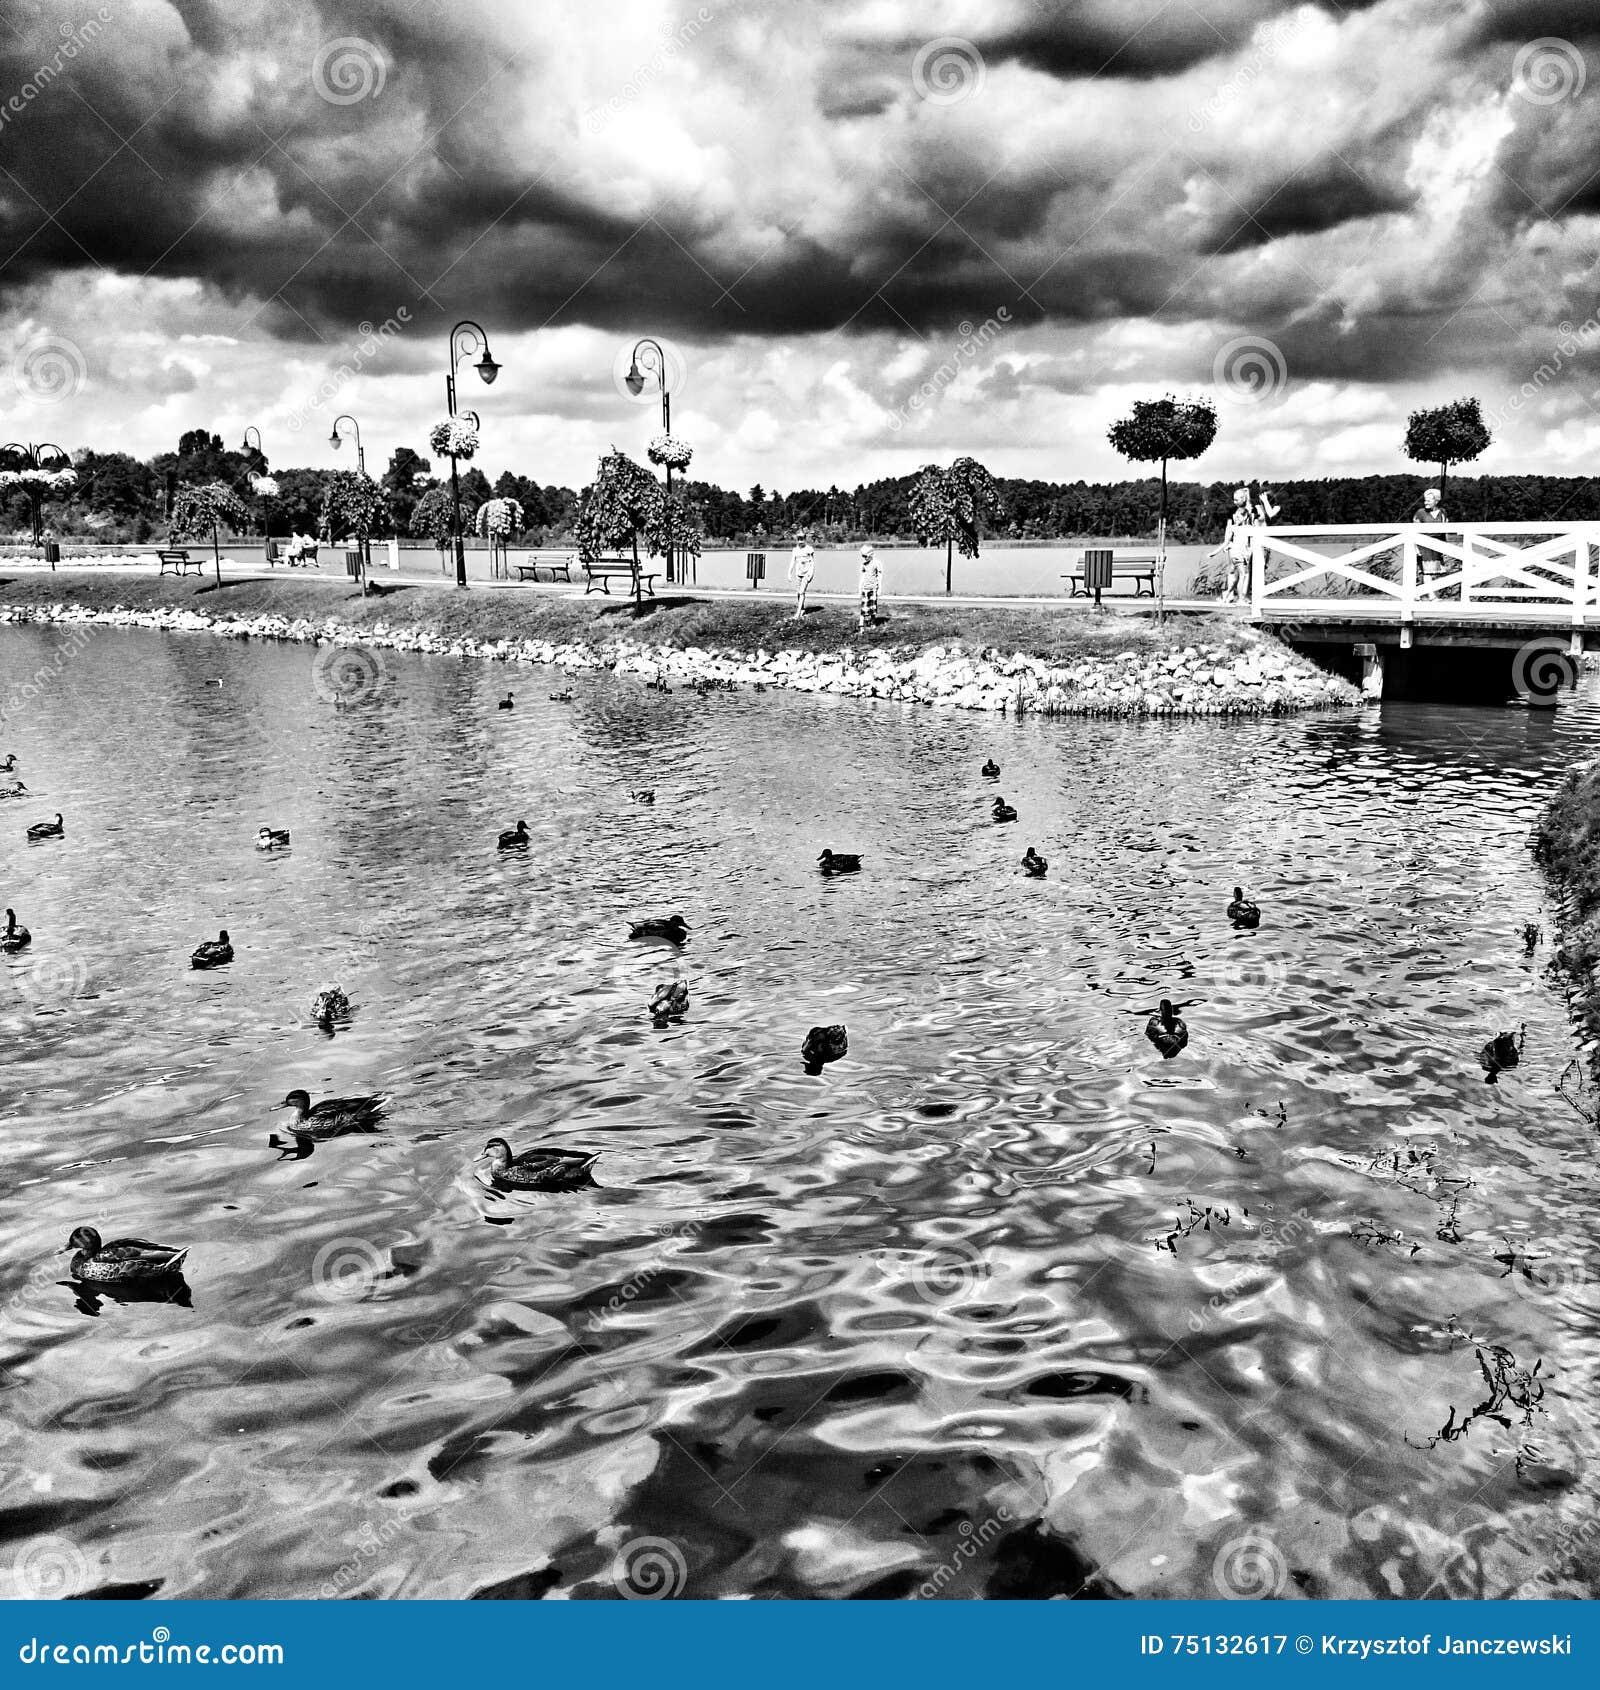 Lago Wolsztyn Mirada artística en blanco y negro